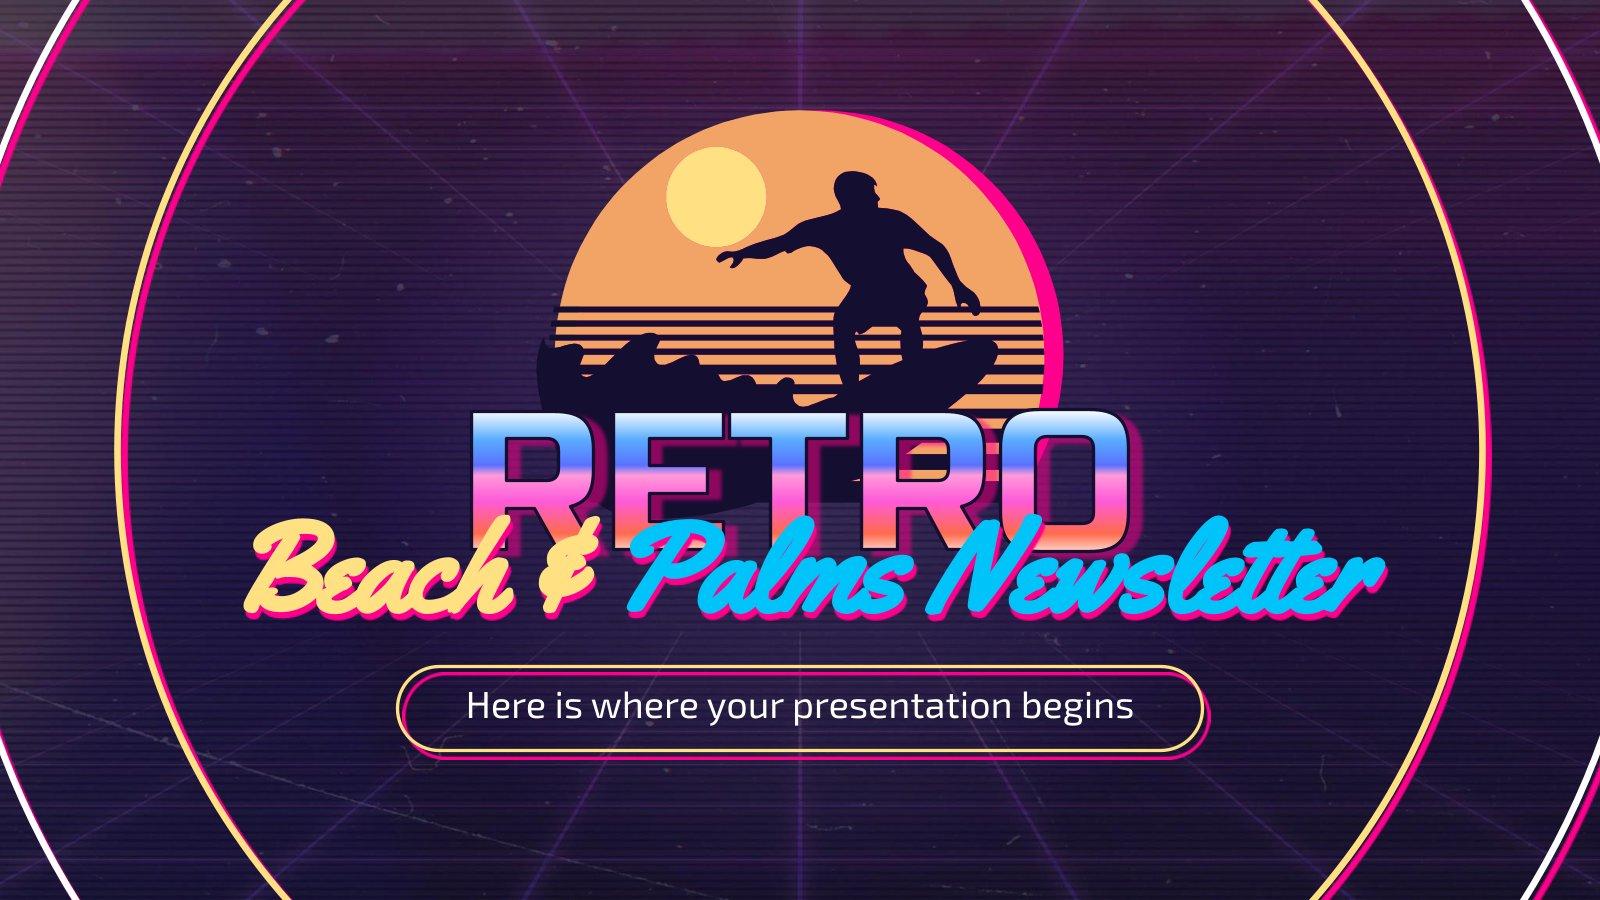 Newsletter rétro plage et palmiers : Modèles de présentation